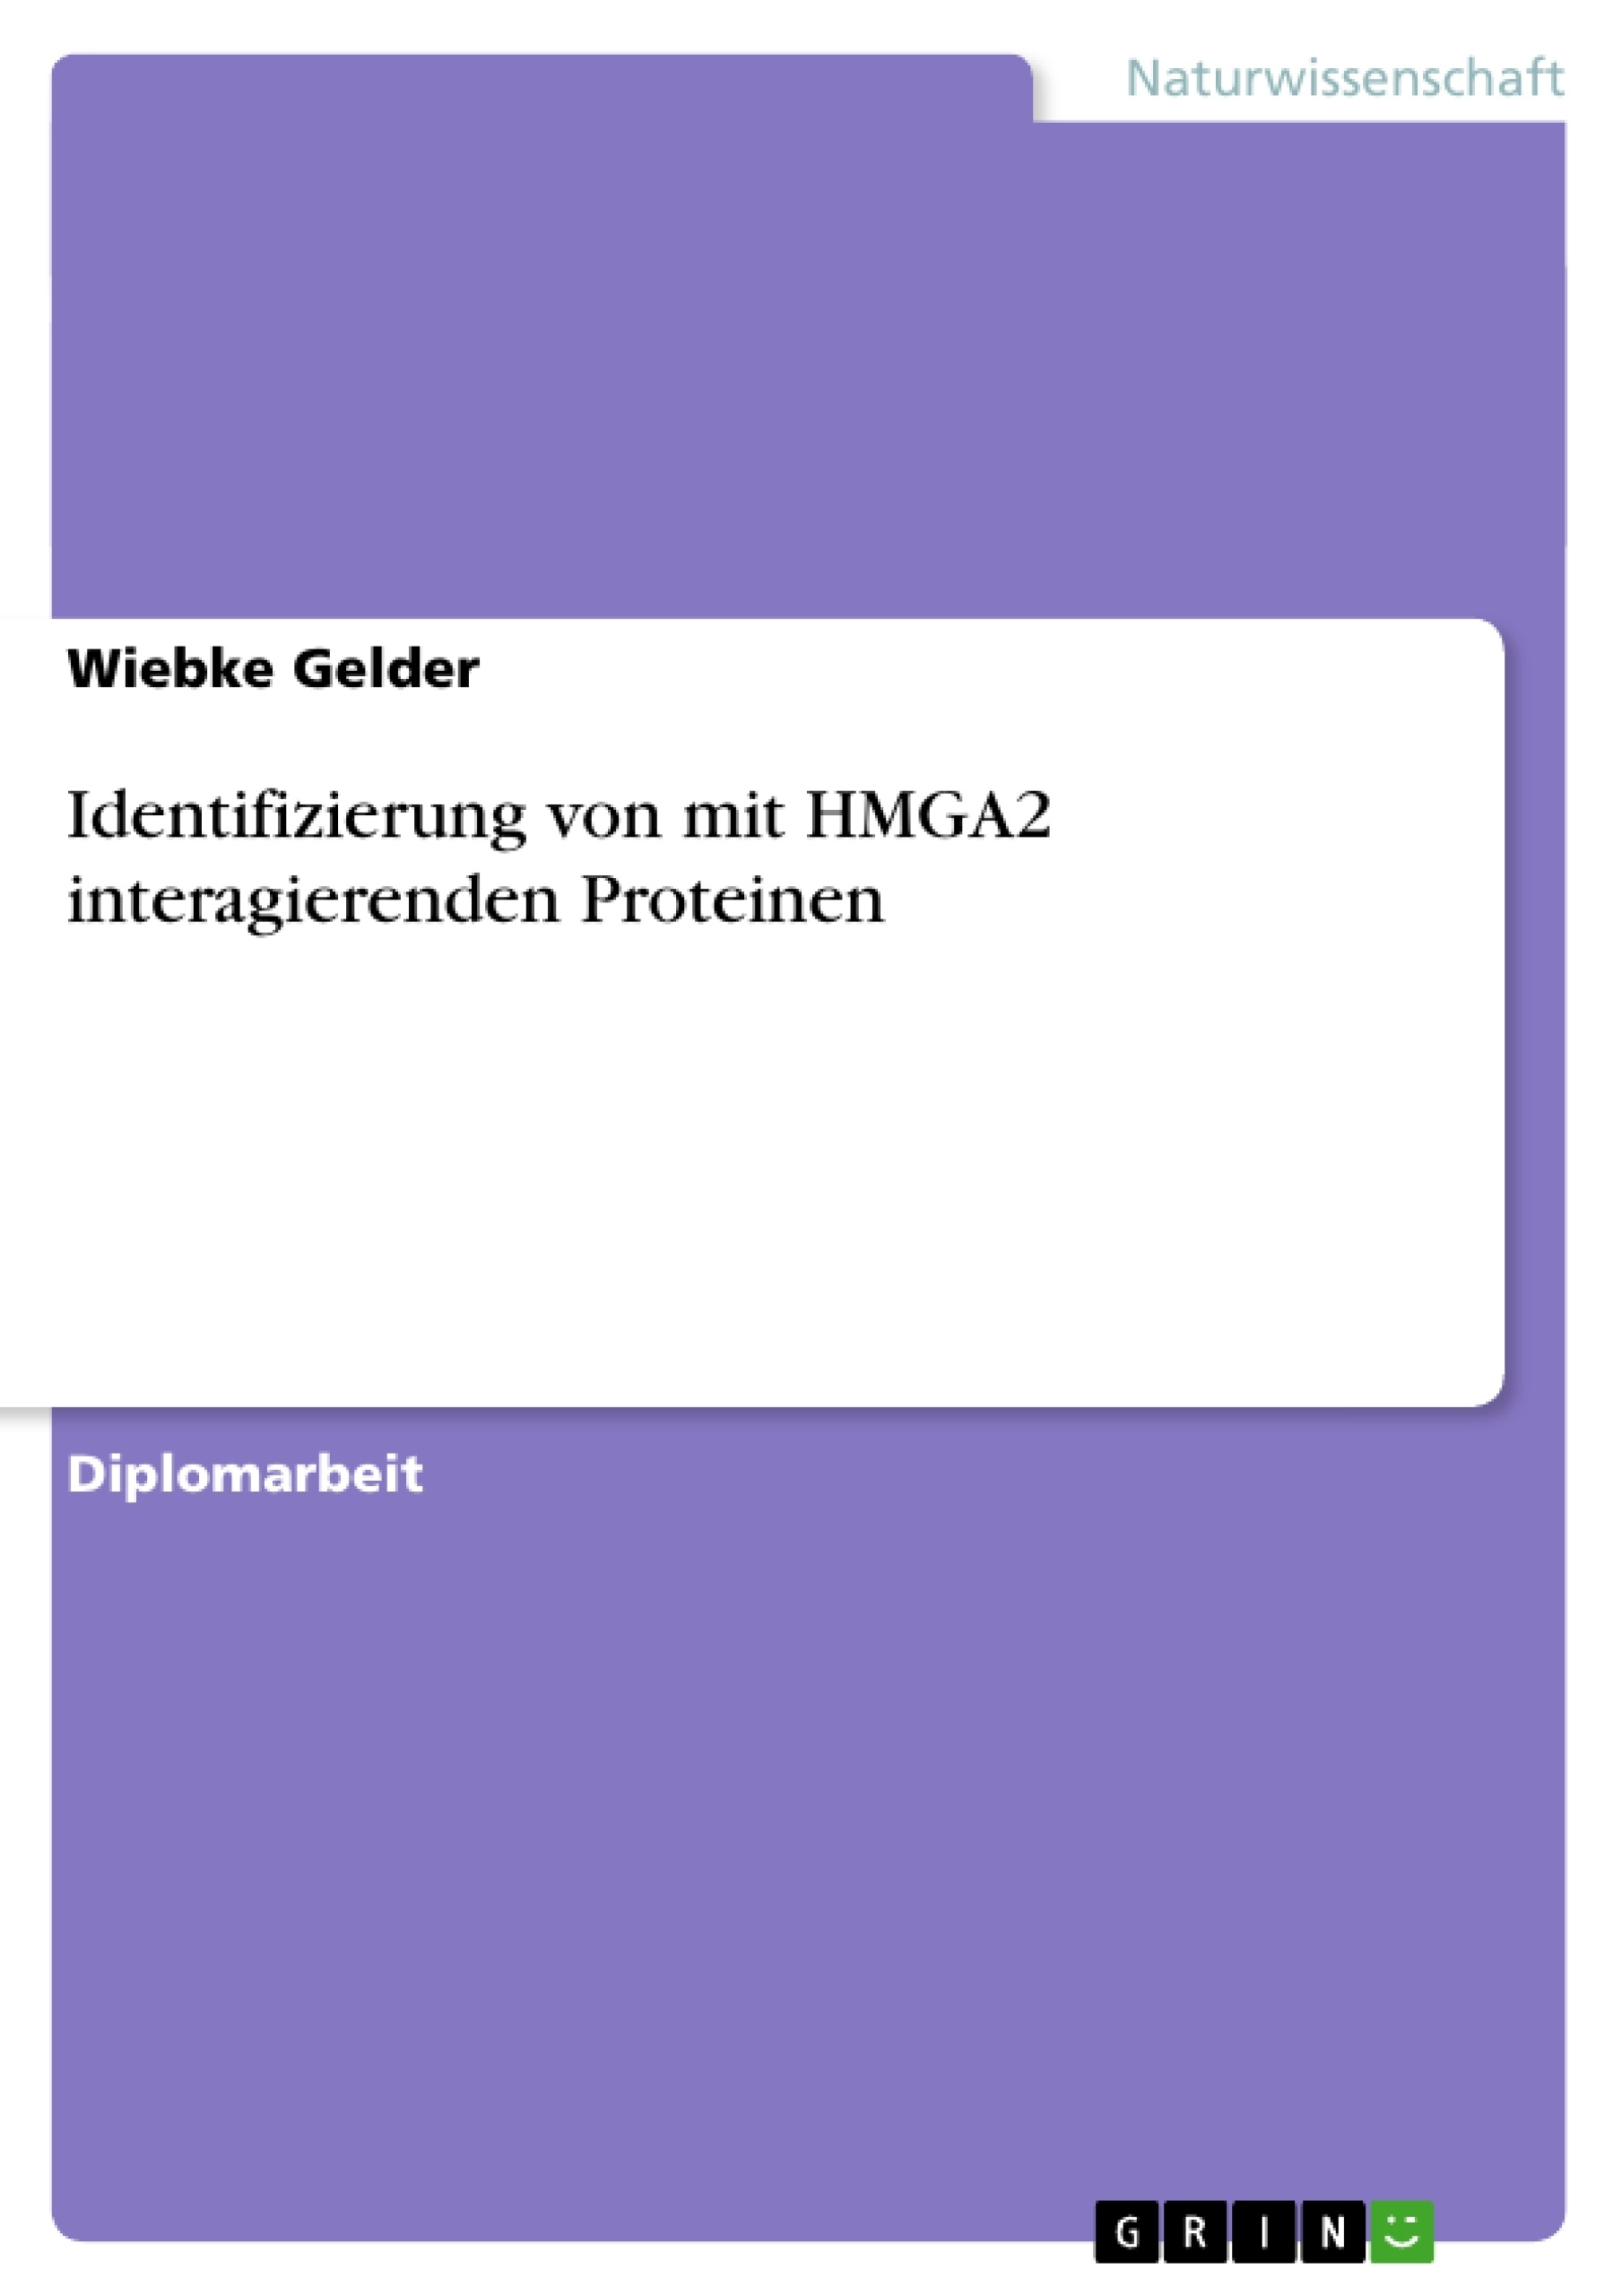 Titel: Identifizierung von mit HMGA2 interagierenden Proteinen